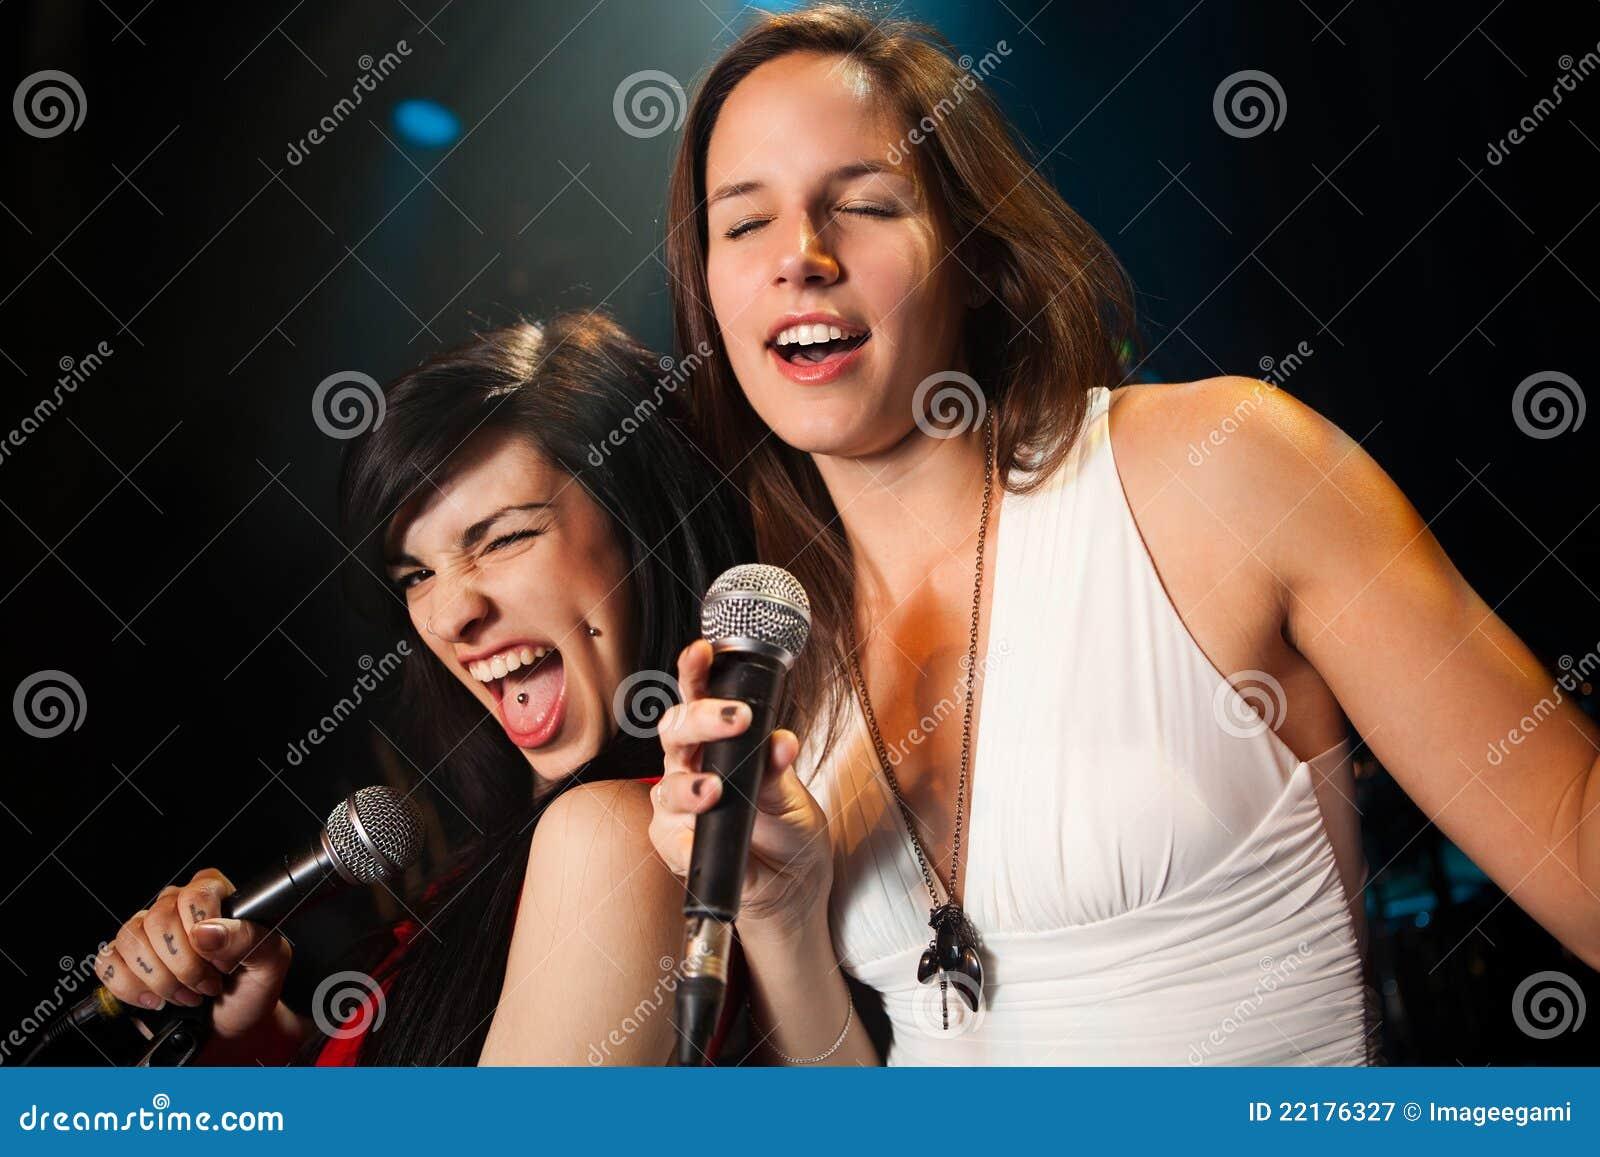 Θηλυκοί τραγουδιστές που εκτελούν ένα ντουέτο